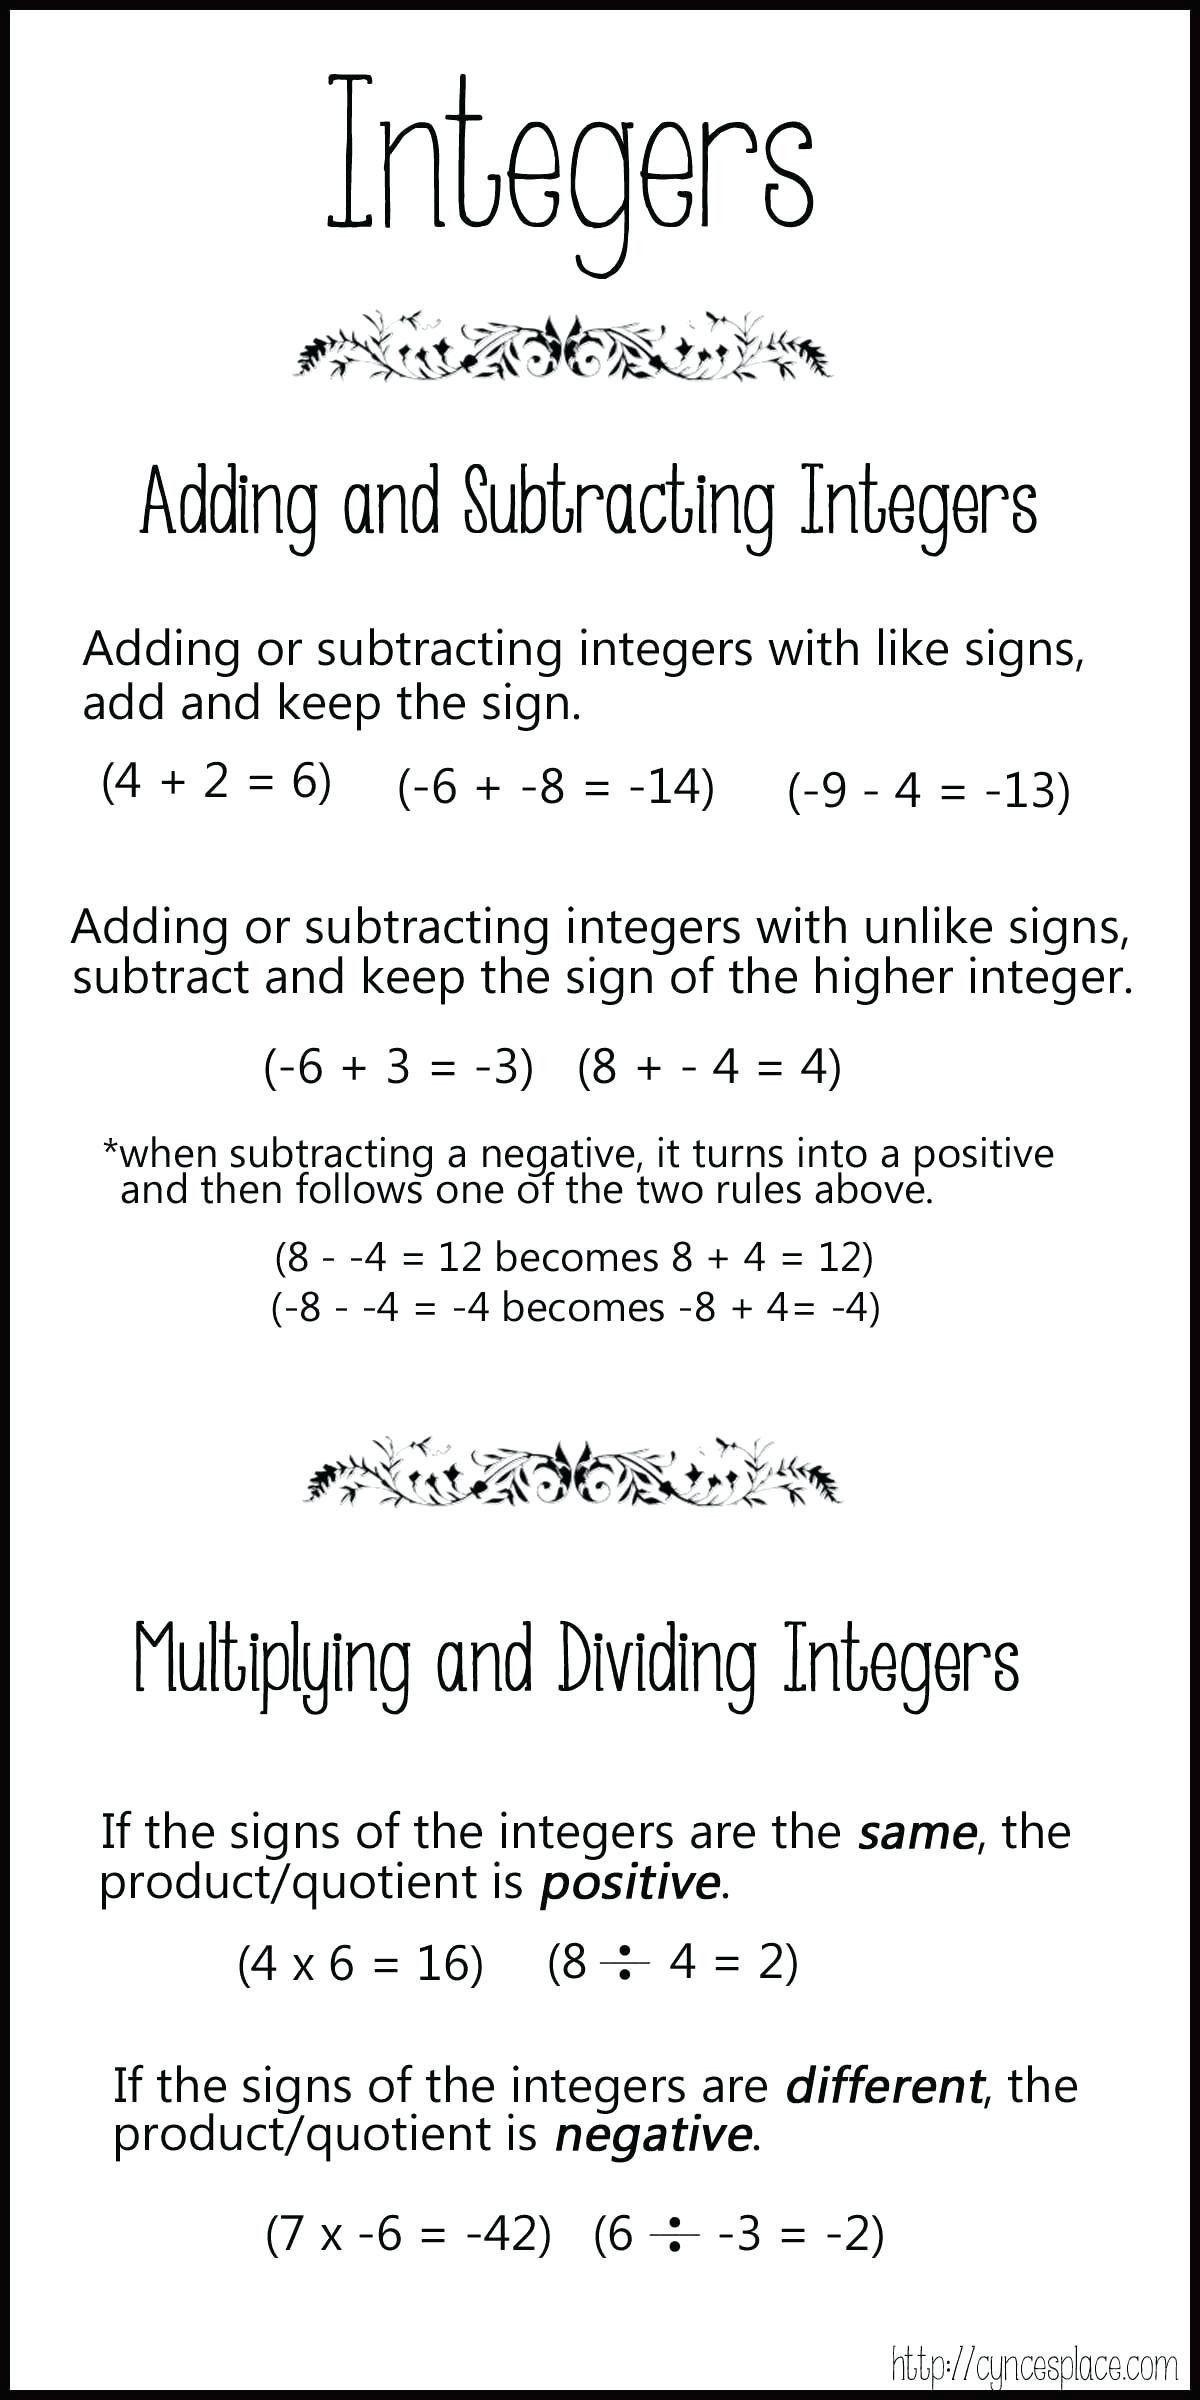 Multiplying Negative Numbers Worksheet General Adding Negative Numbers Worksheet Subtracting Integers Integers Dividing Integers